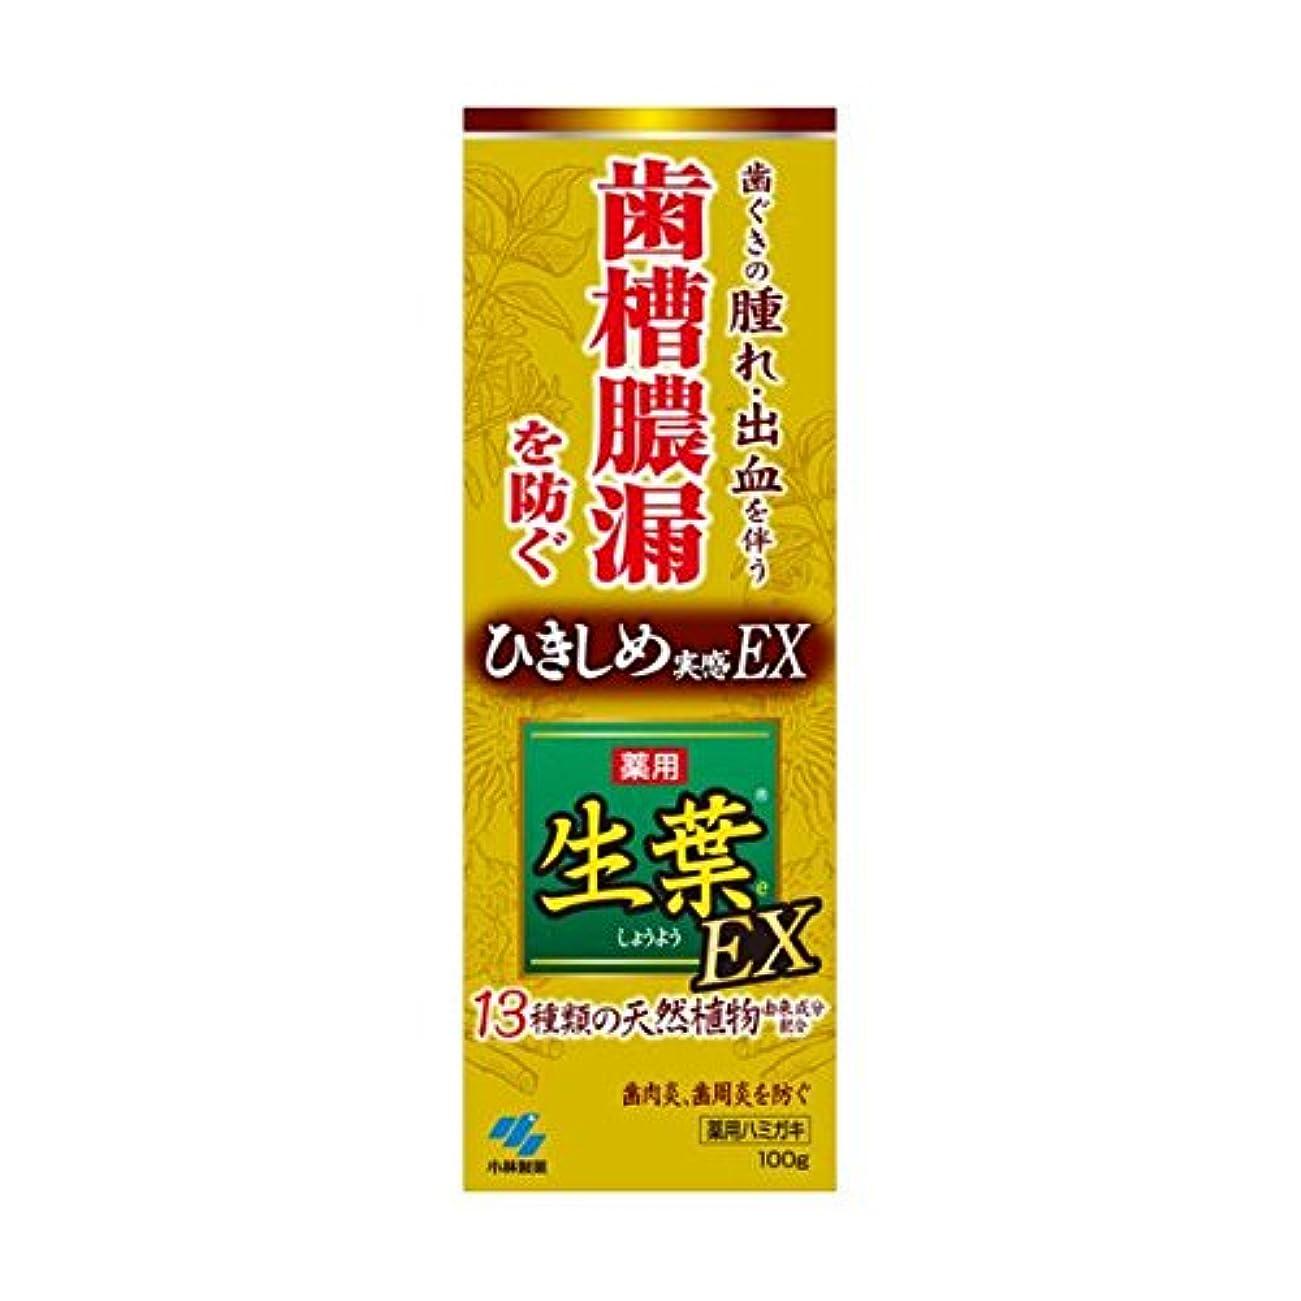 偶然のご注意肉腫生葉EX 100g x2個セット